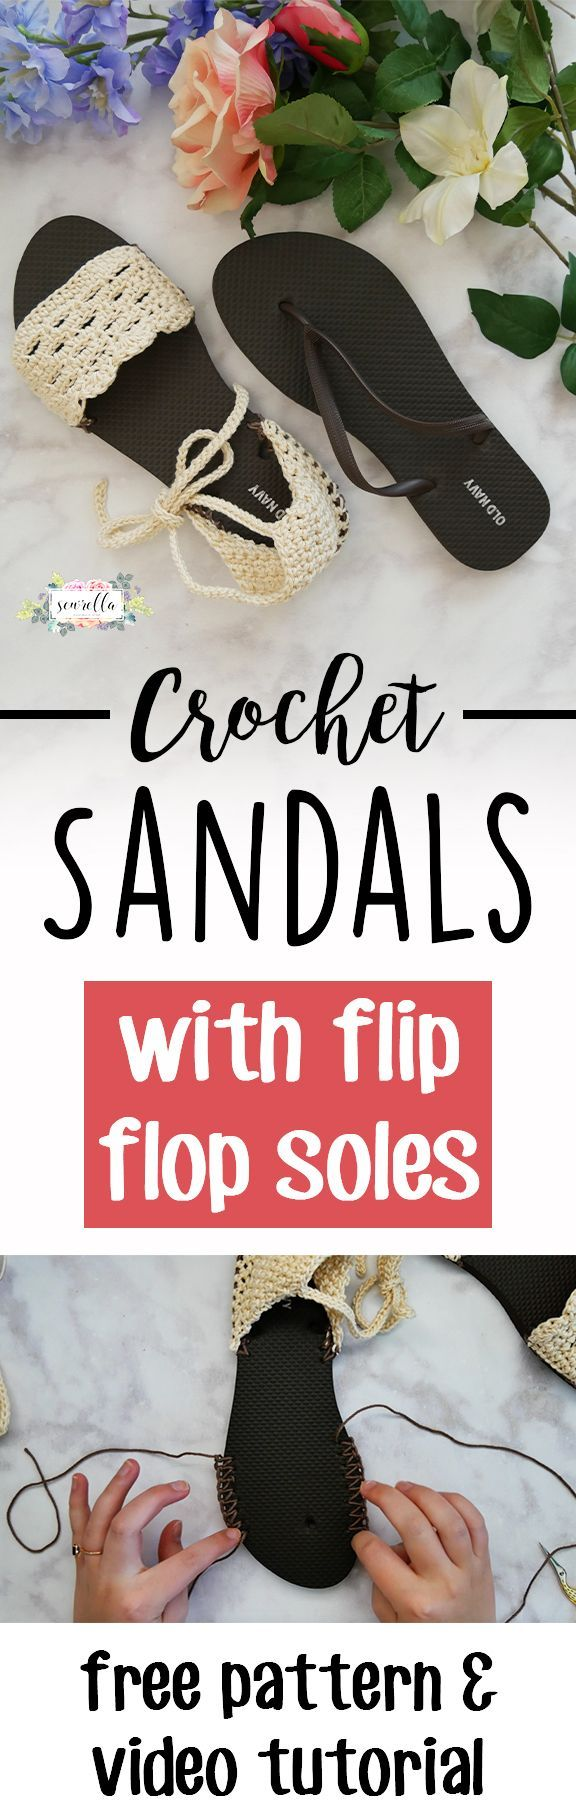 Crochet sandals with flip flop soles crochet sandals free crochet sandals with flip flop soles bankloansurffo Gallery